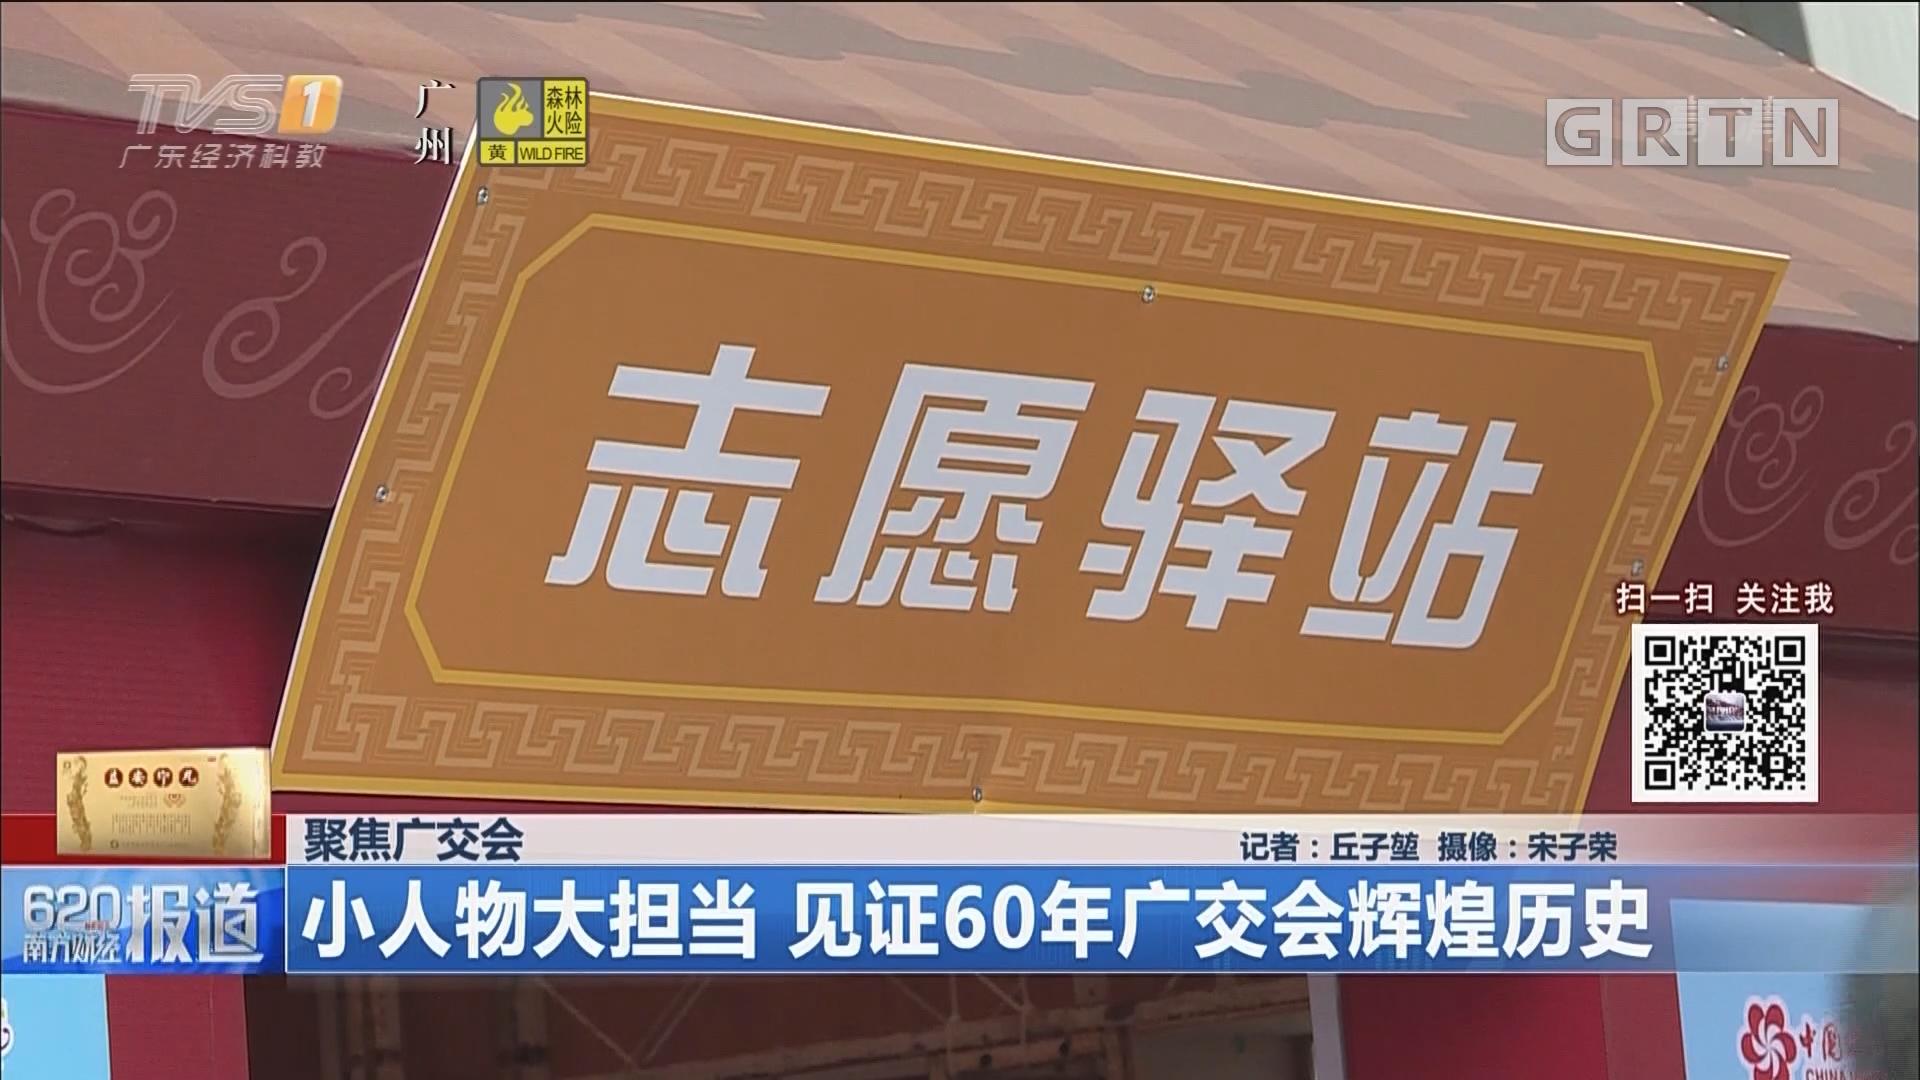 聚焦广交会:小人物大担当 见证60年广交会辉煌历史